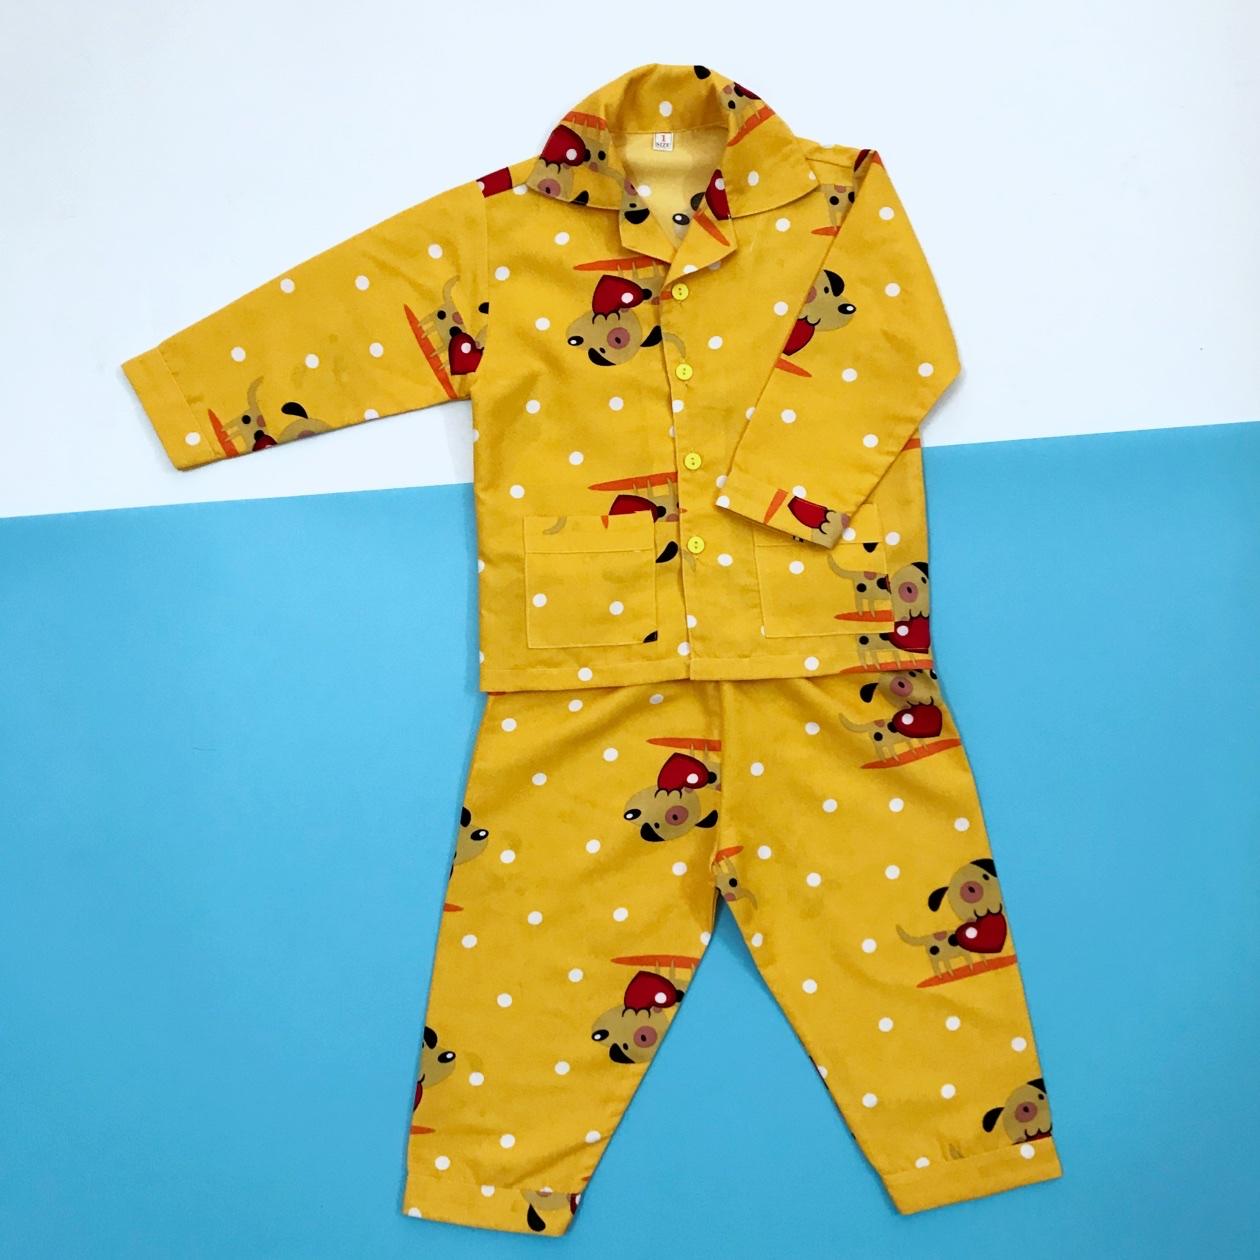 Pijama Dài Cho Bé Kate Thái Hình Cún Vàng 10-40kg Giá Tốt Duy Nhất tại Lazada